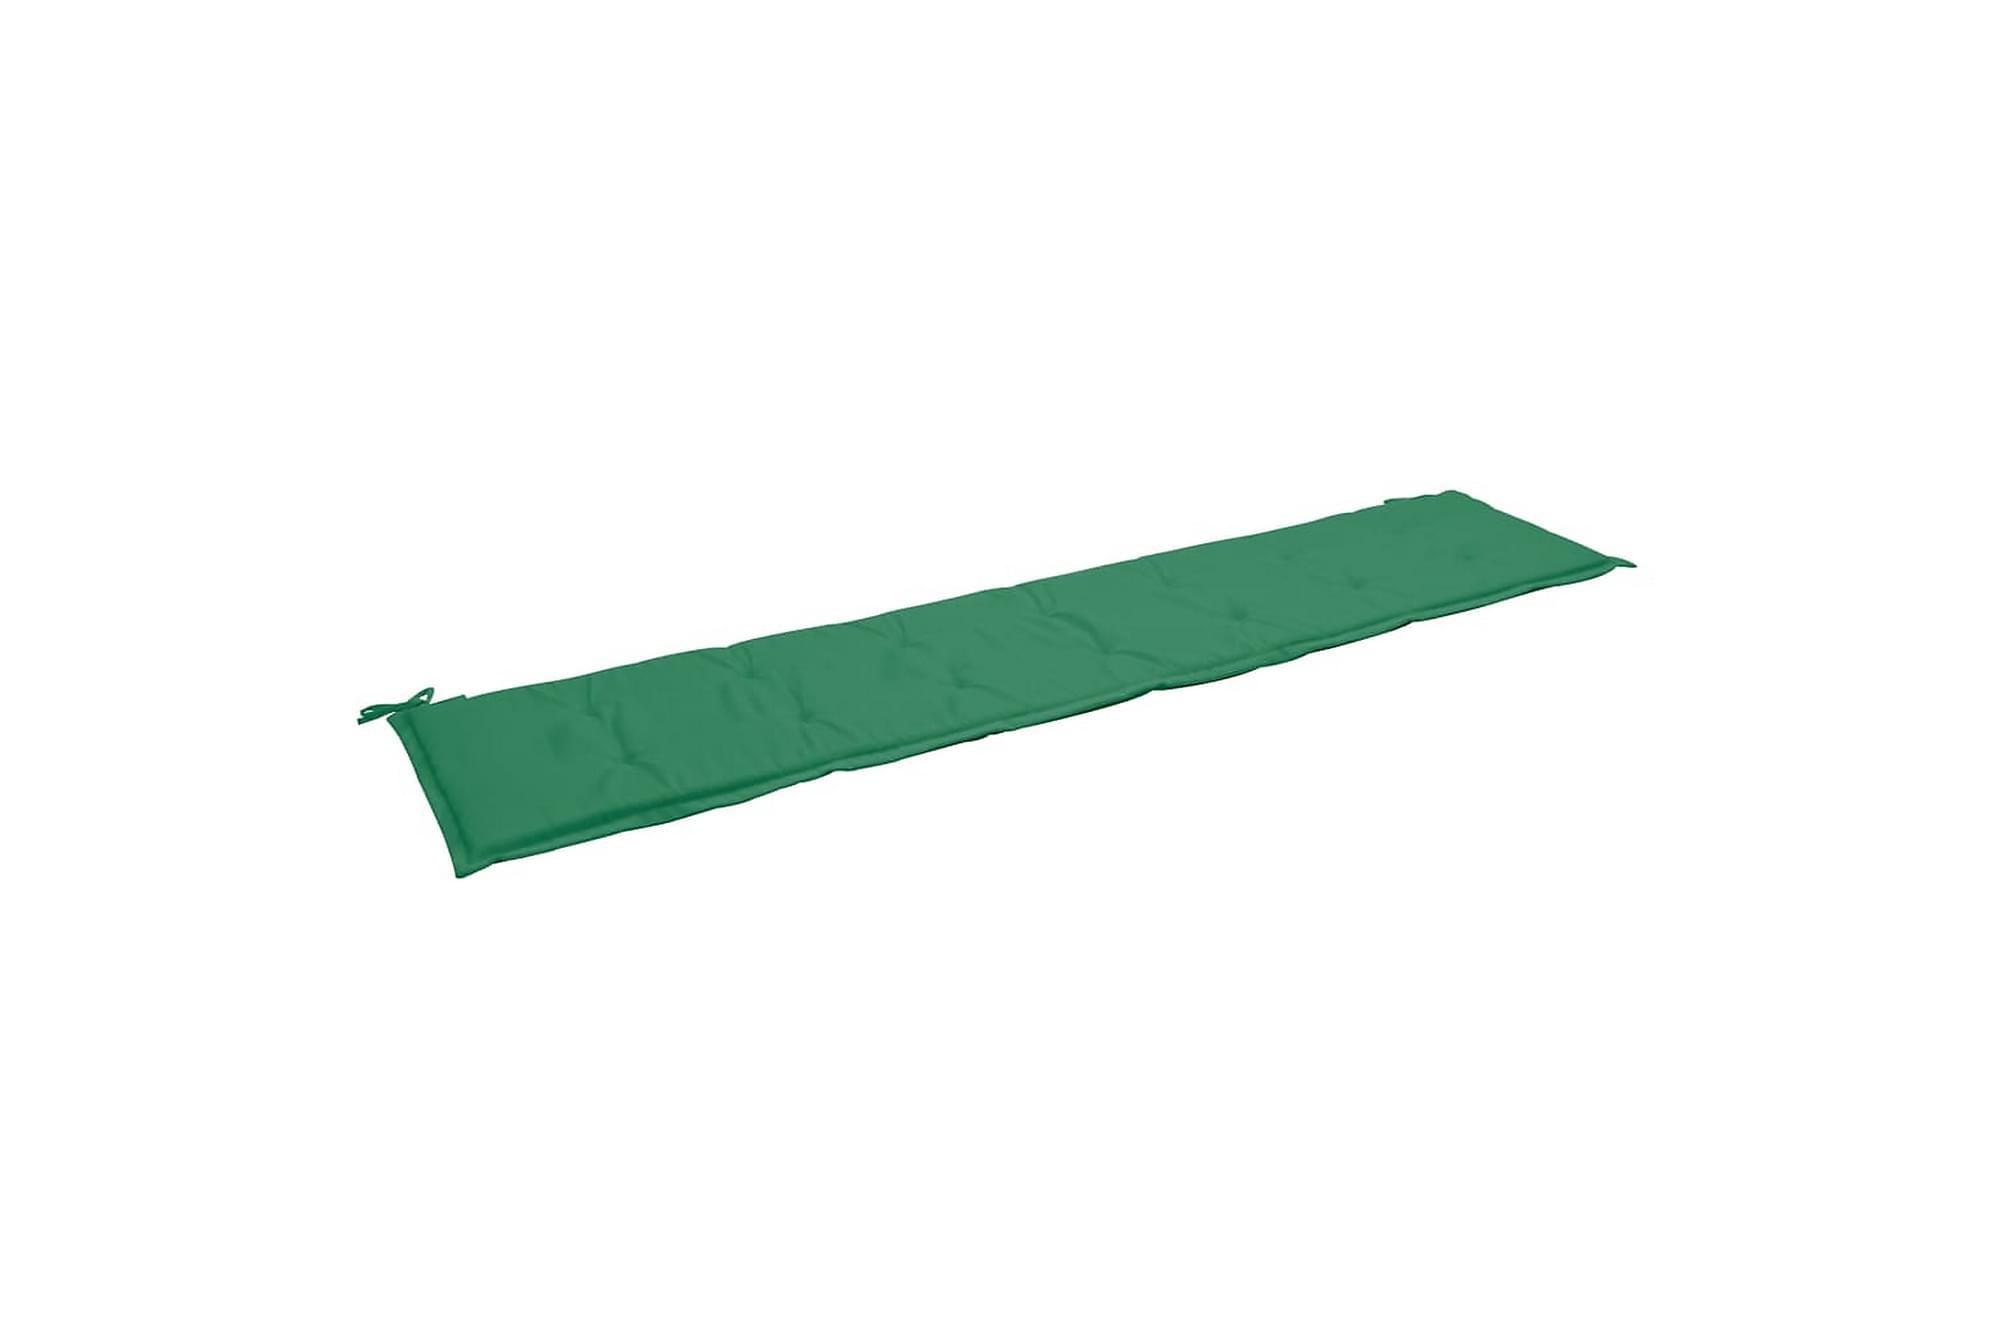 Bänkdyna för trädgården grön 200x50x3 cm, Soffdynor